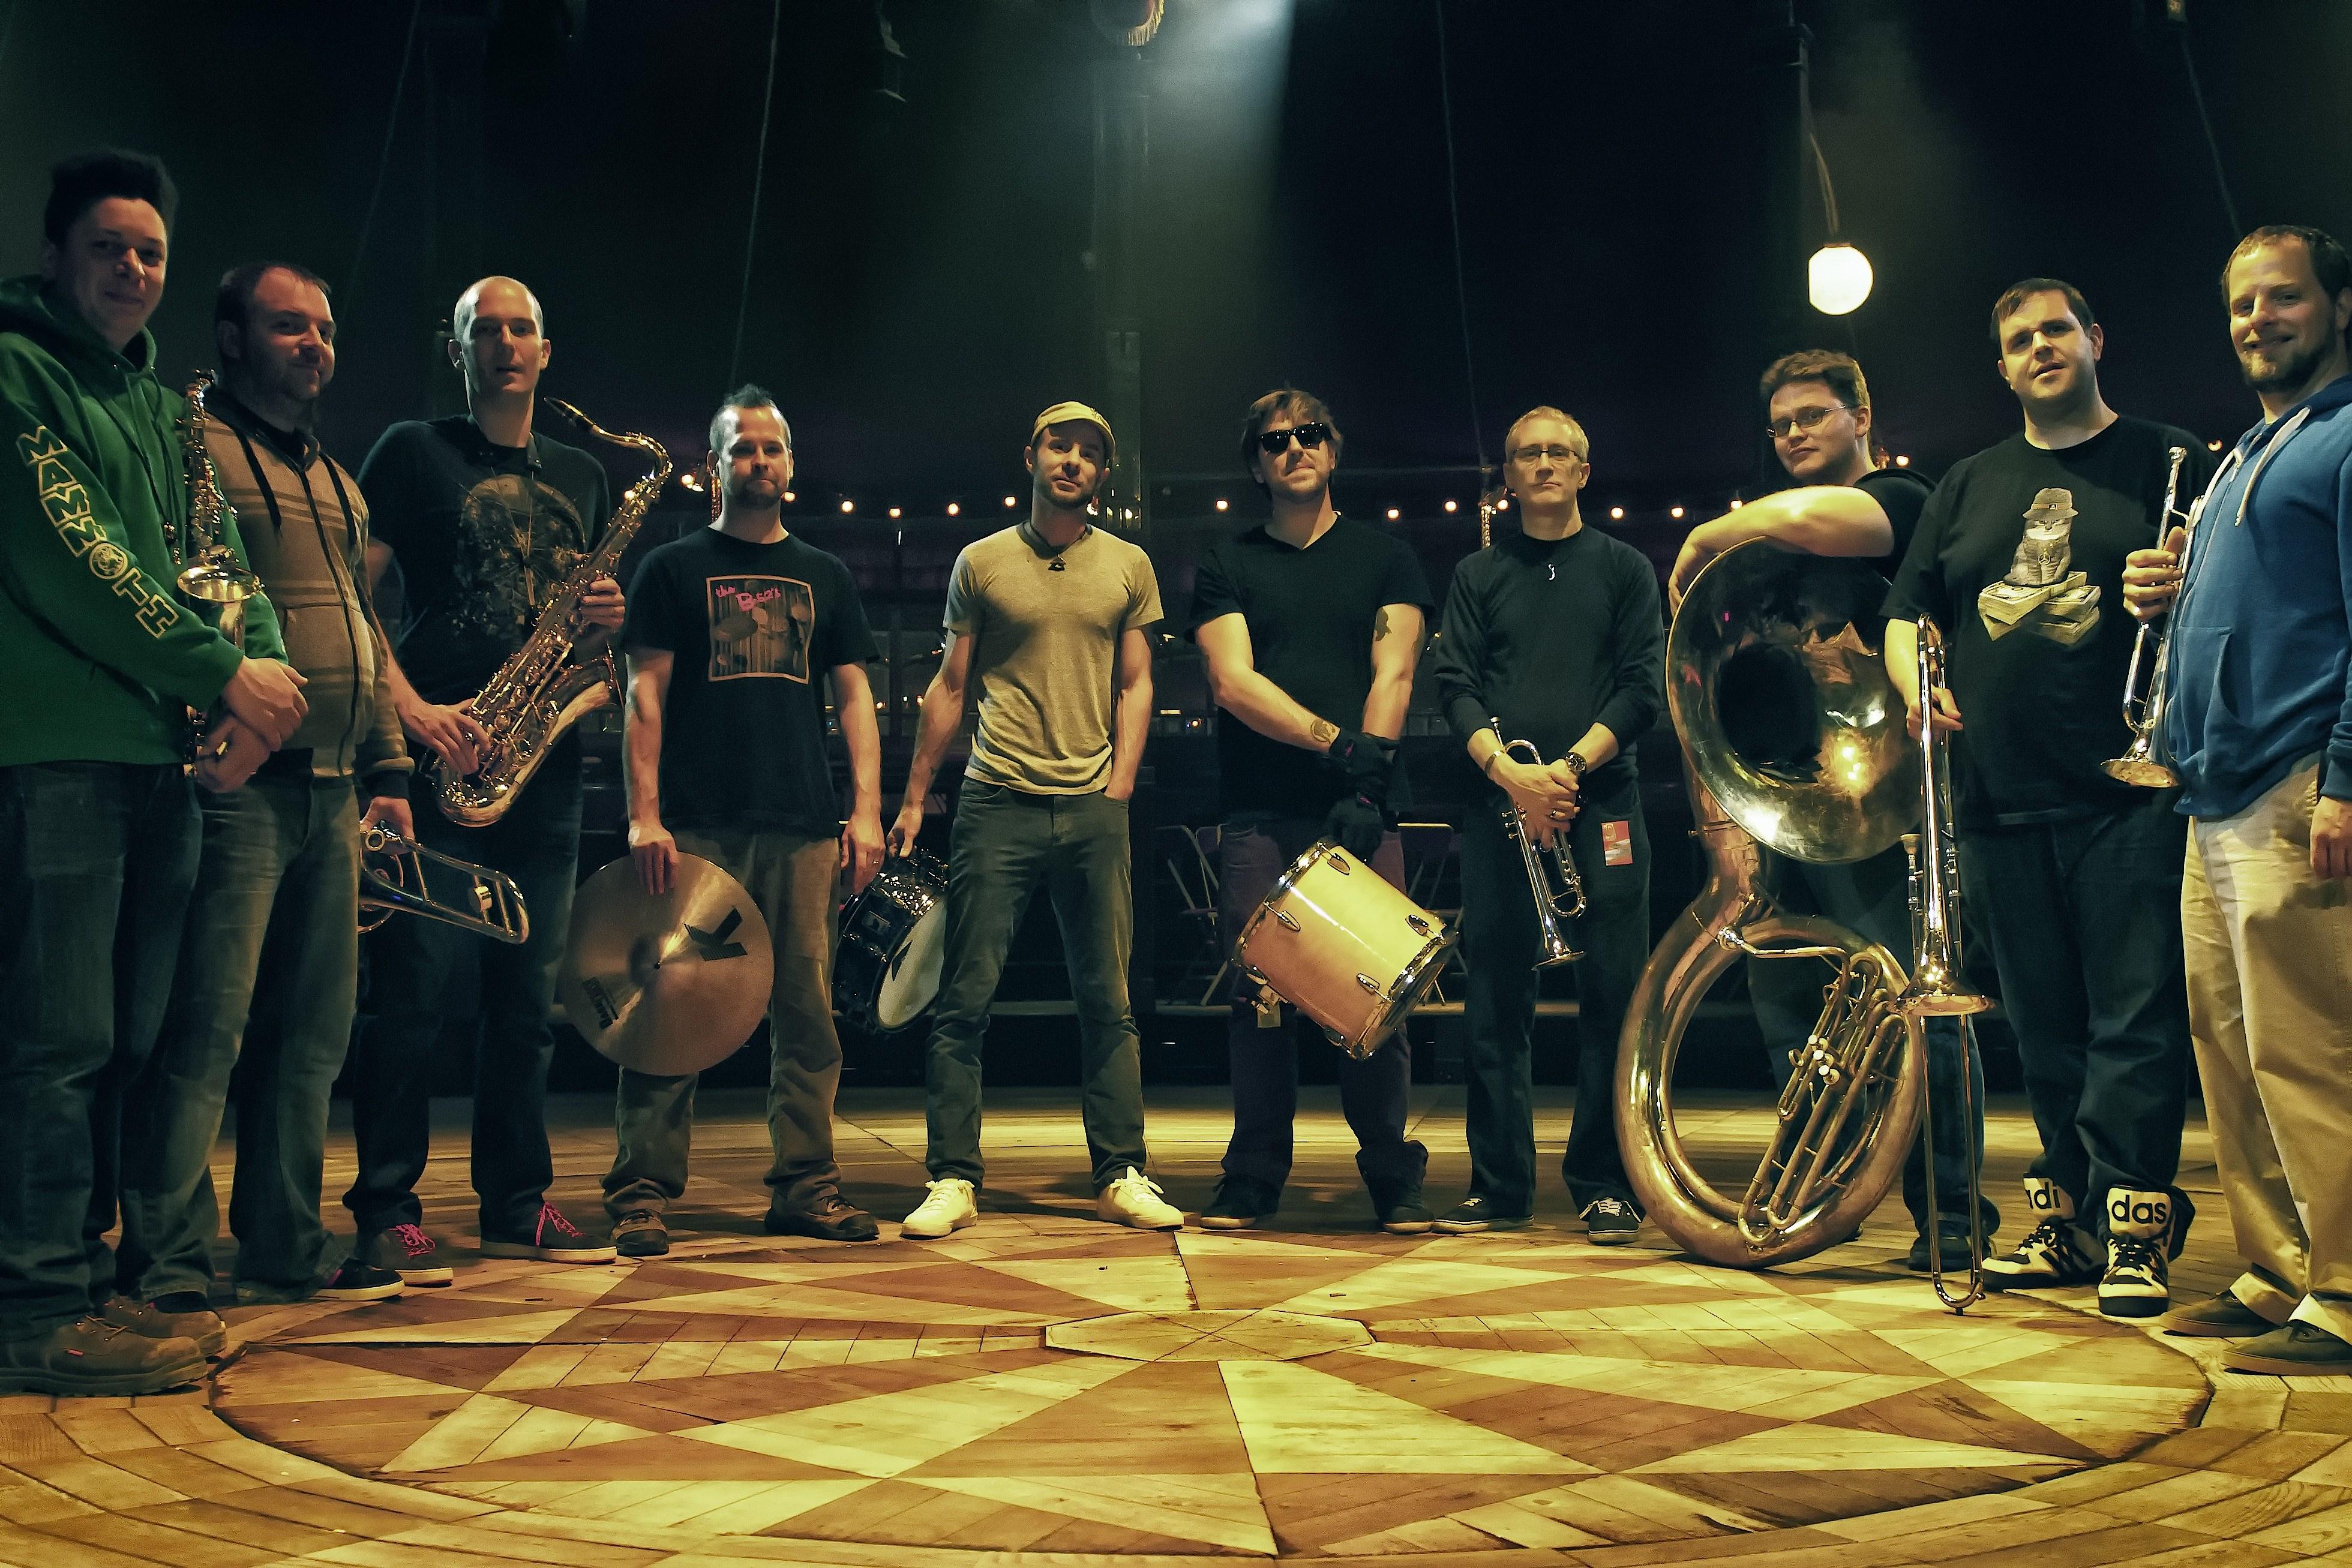 Youngblood Brass Band, midwestská odpoveď na The Roots, vystúpi už v utorok v Bratislave BOMBING